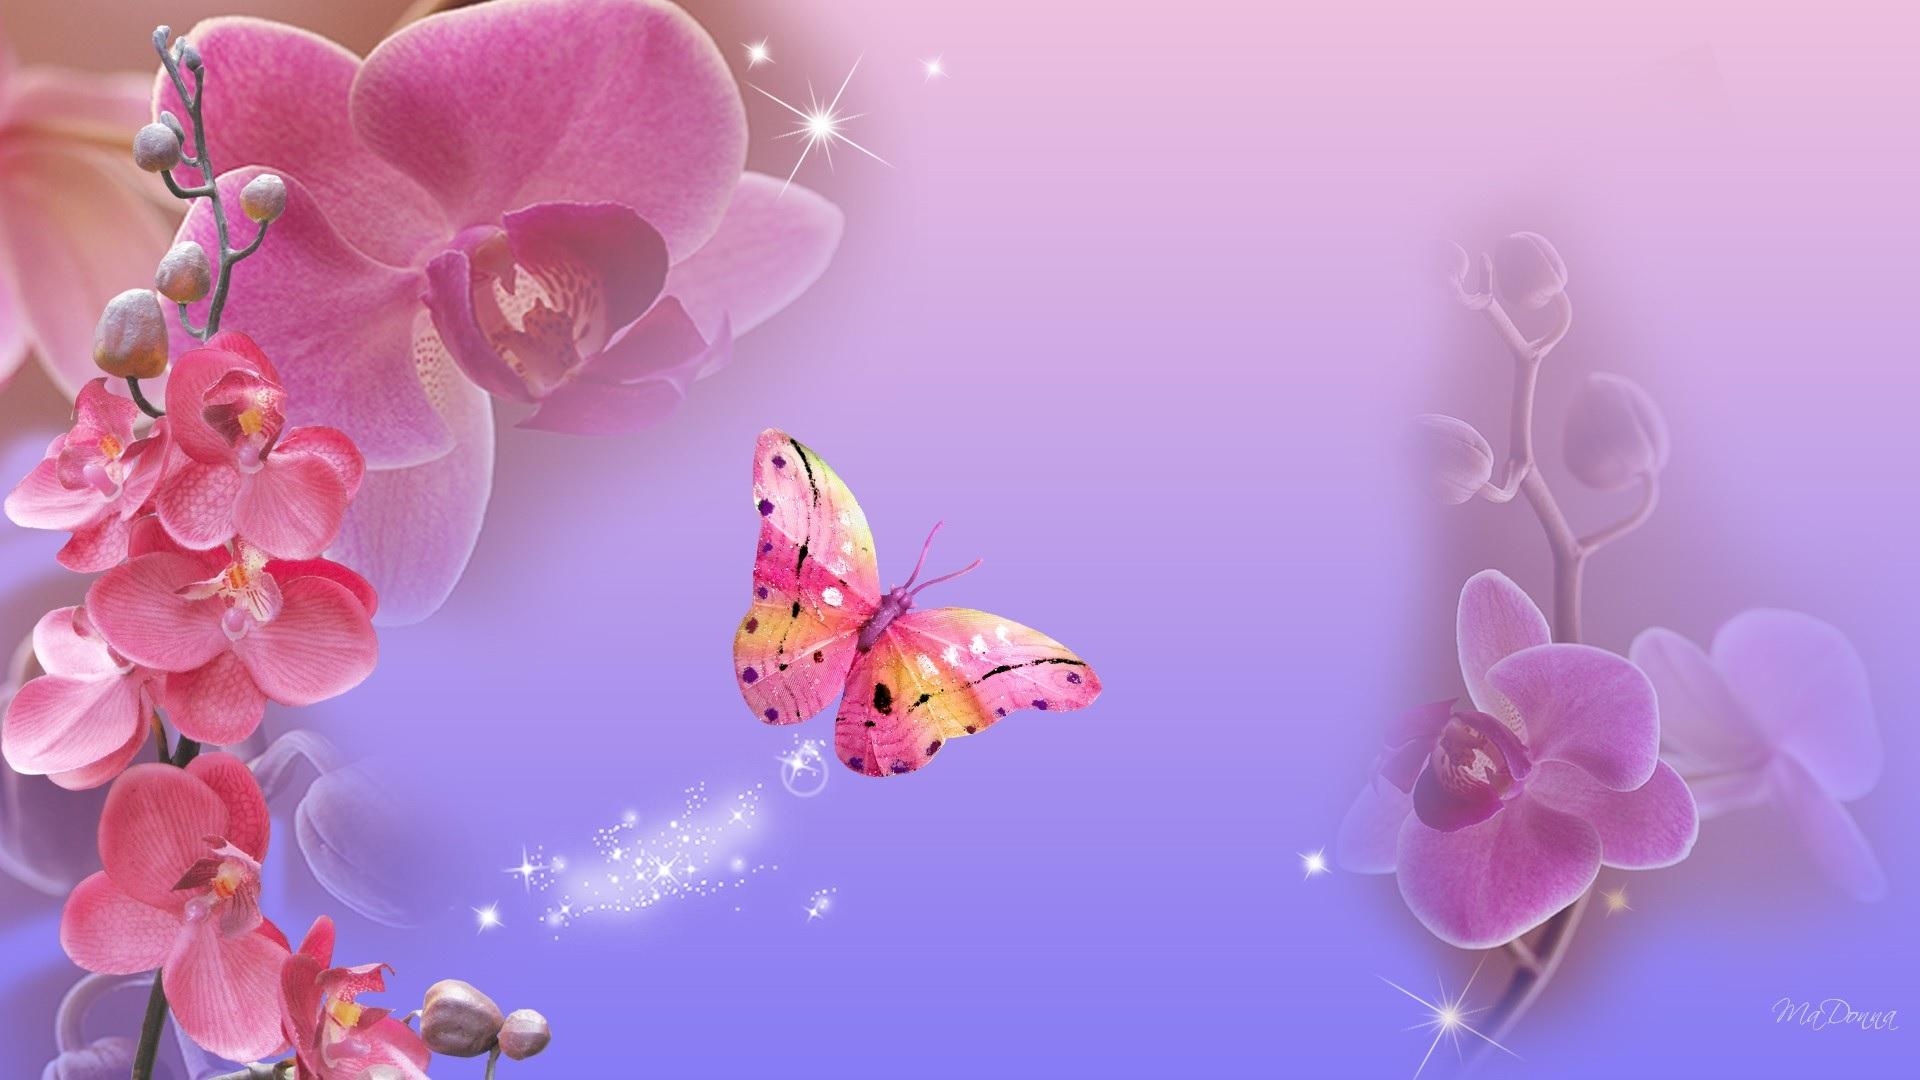 Бабочка фон